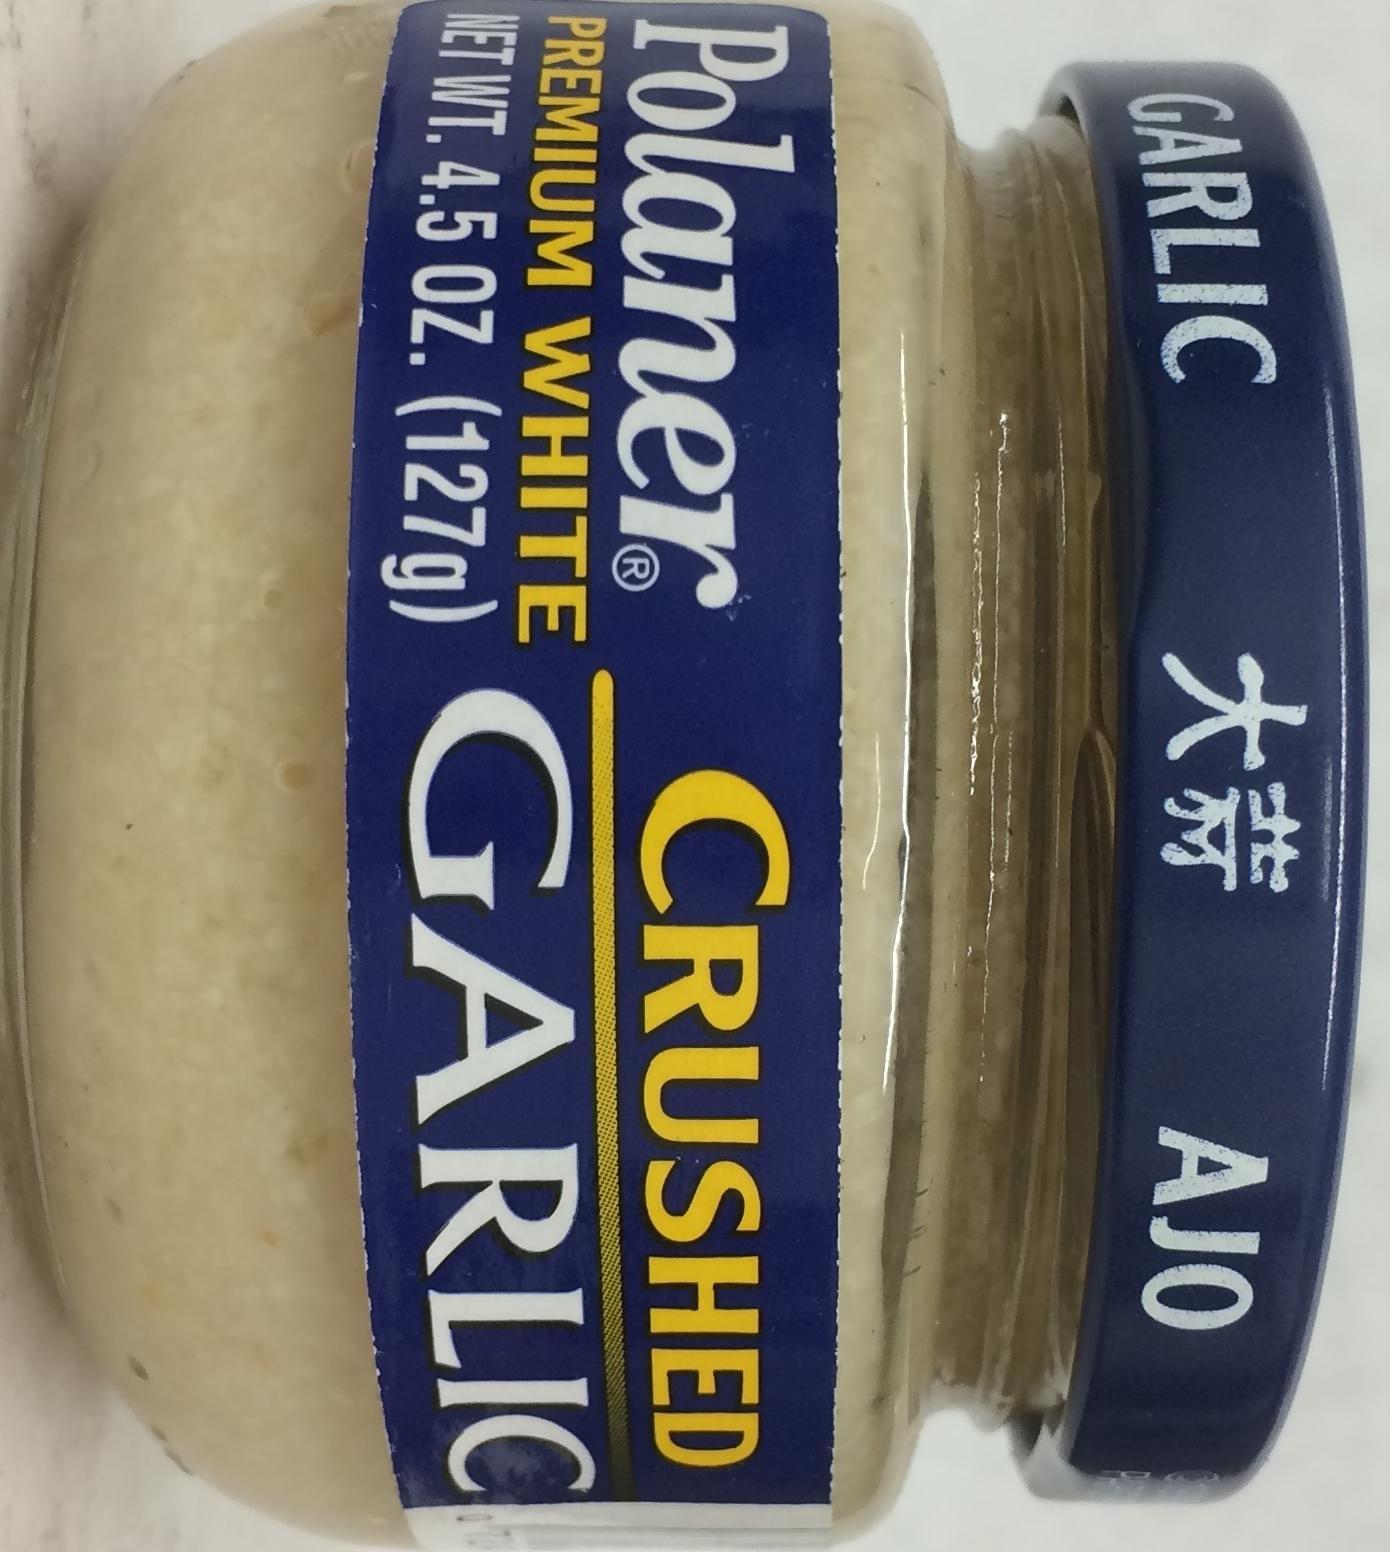 Polaner Premium White Crushed Garlic 4.5 Oz. Pk Of 3.